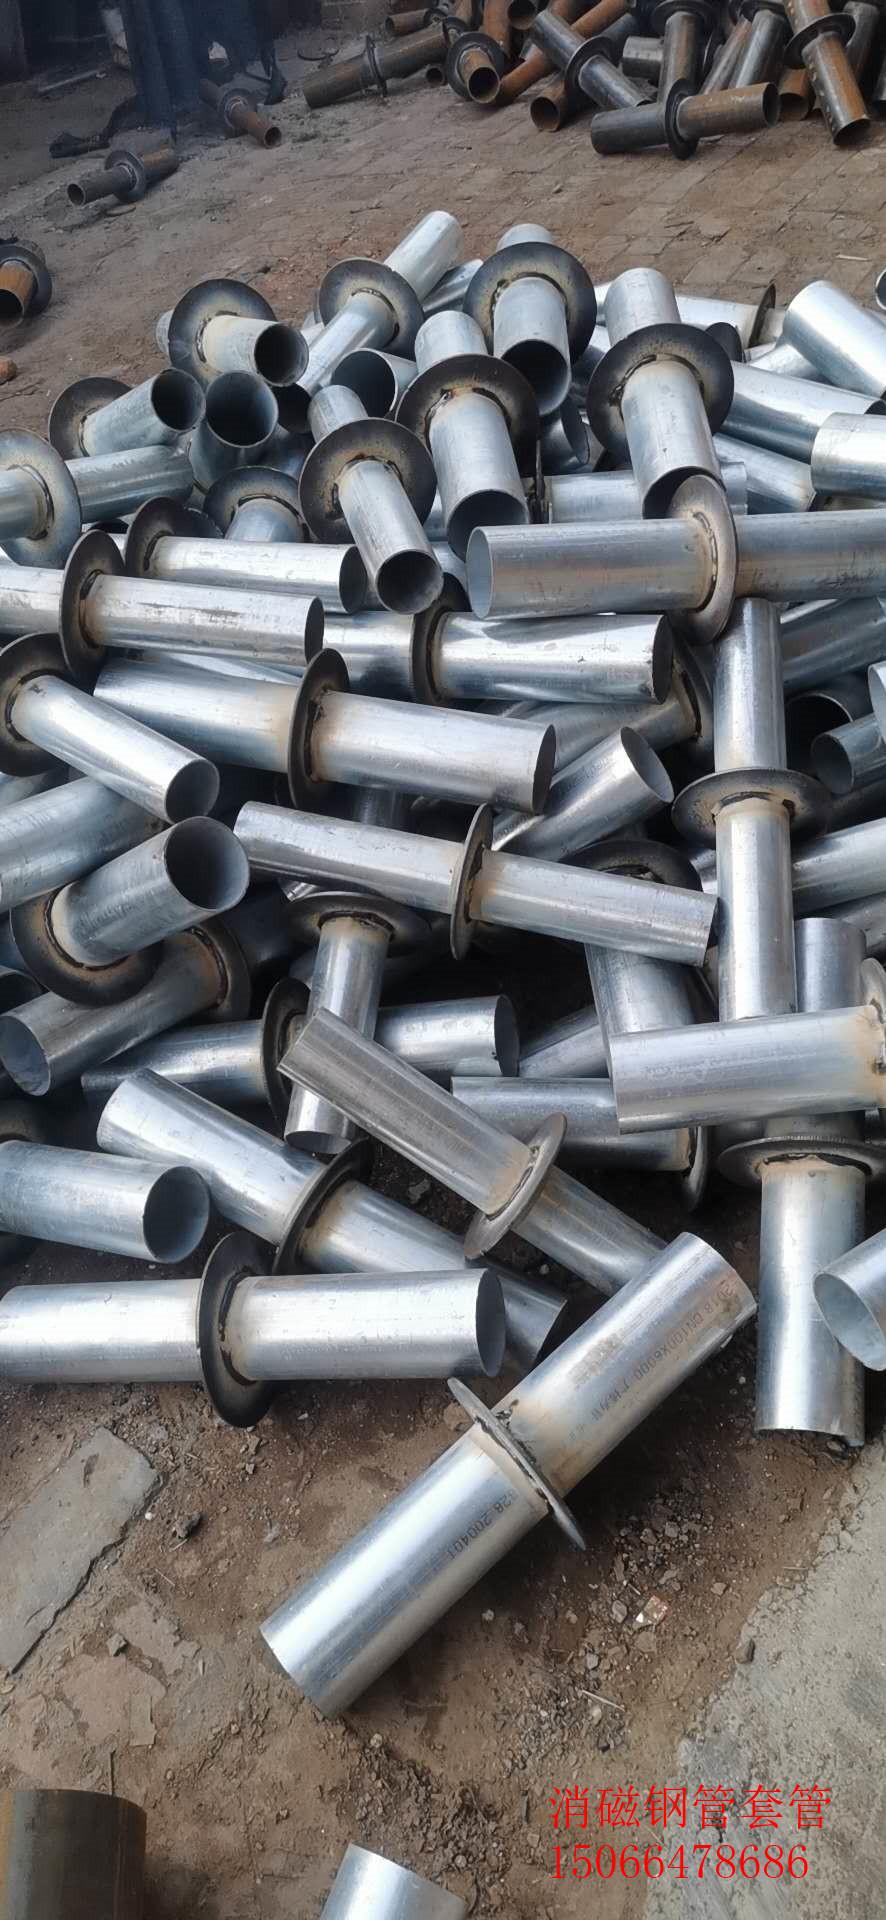 泰州去磁性不锈钢管 穿线消磁钢管欢迎来电